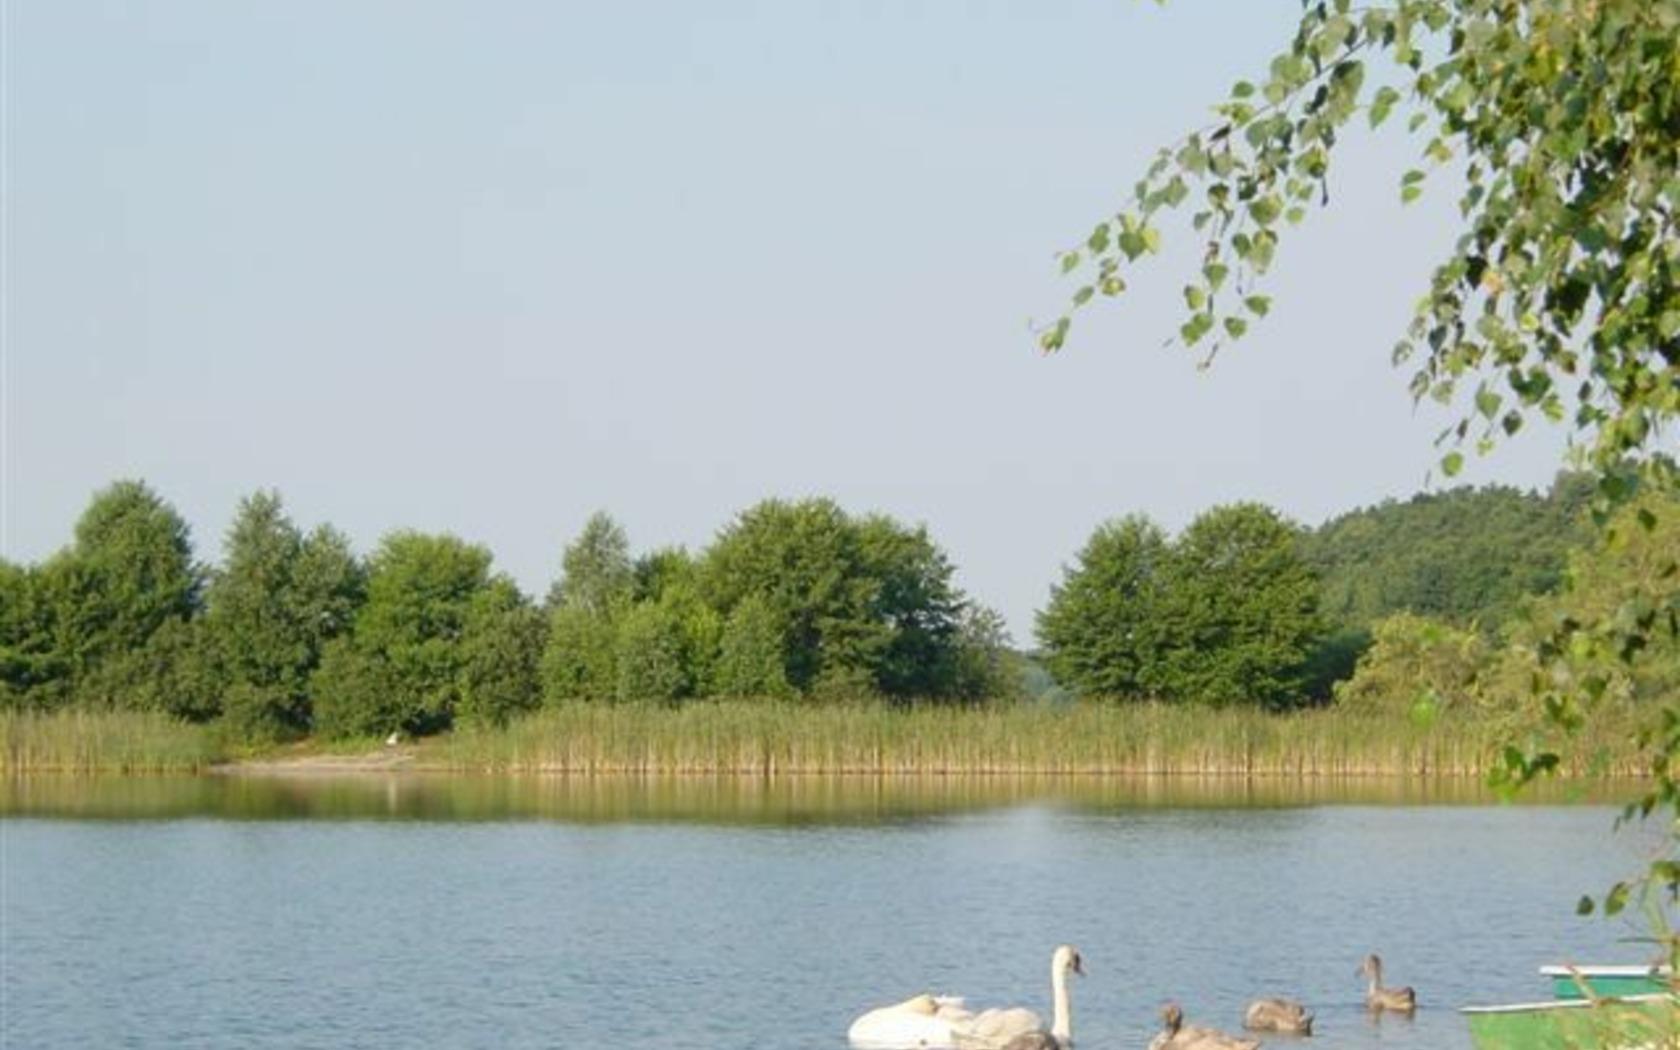 Schwanenzuwachs am Pinnower See, Foto: Doreen Noack